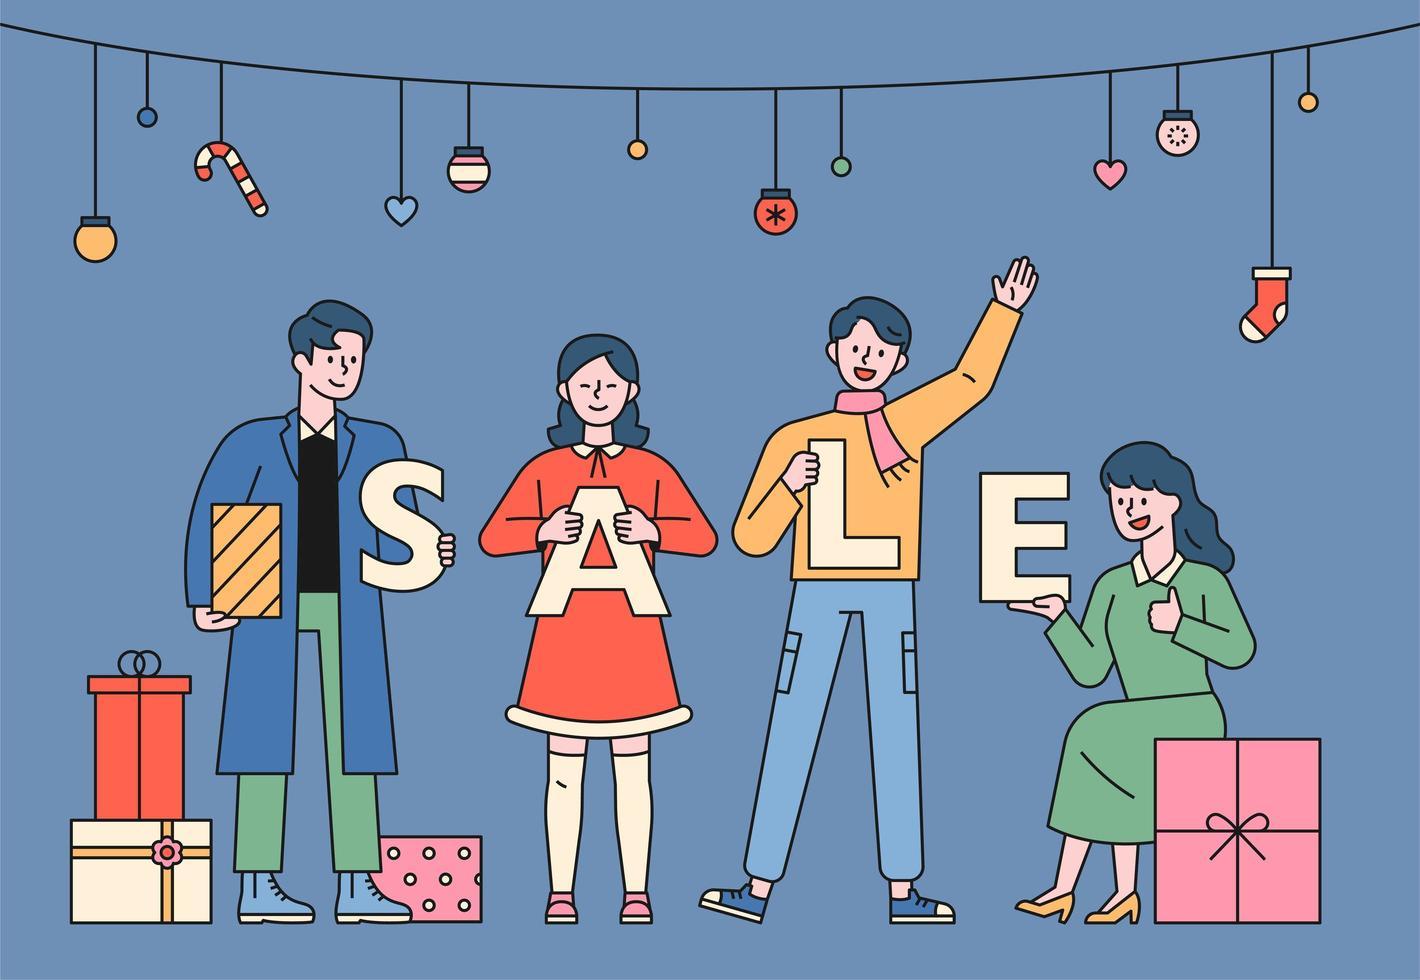 människor står med försäljningsalfabetet. vektor